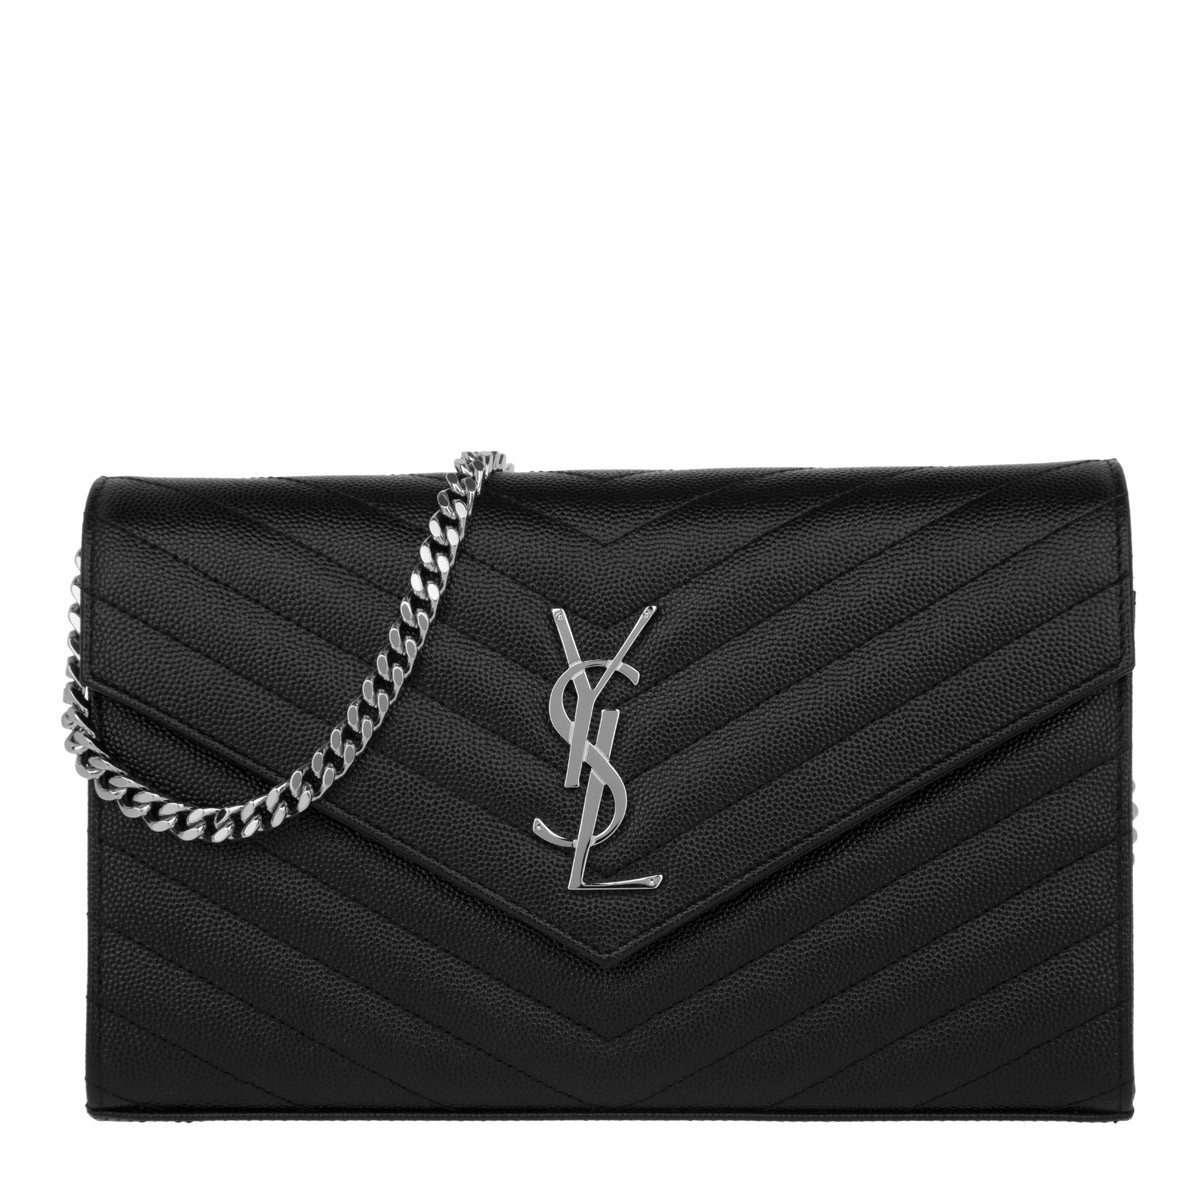 Saint Laurent Umhängetasche - YSL Chain Wallet Monogramme Envelope Nero - in schwarz - für Damen